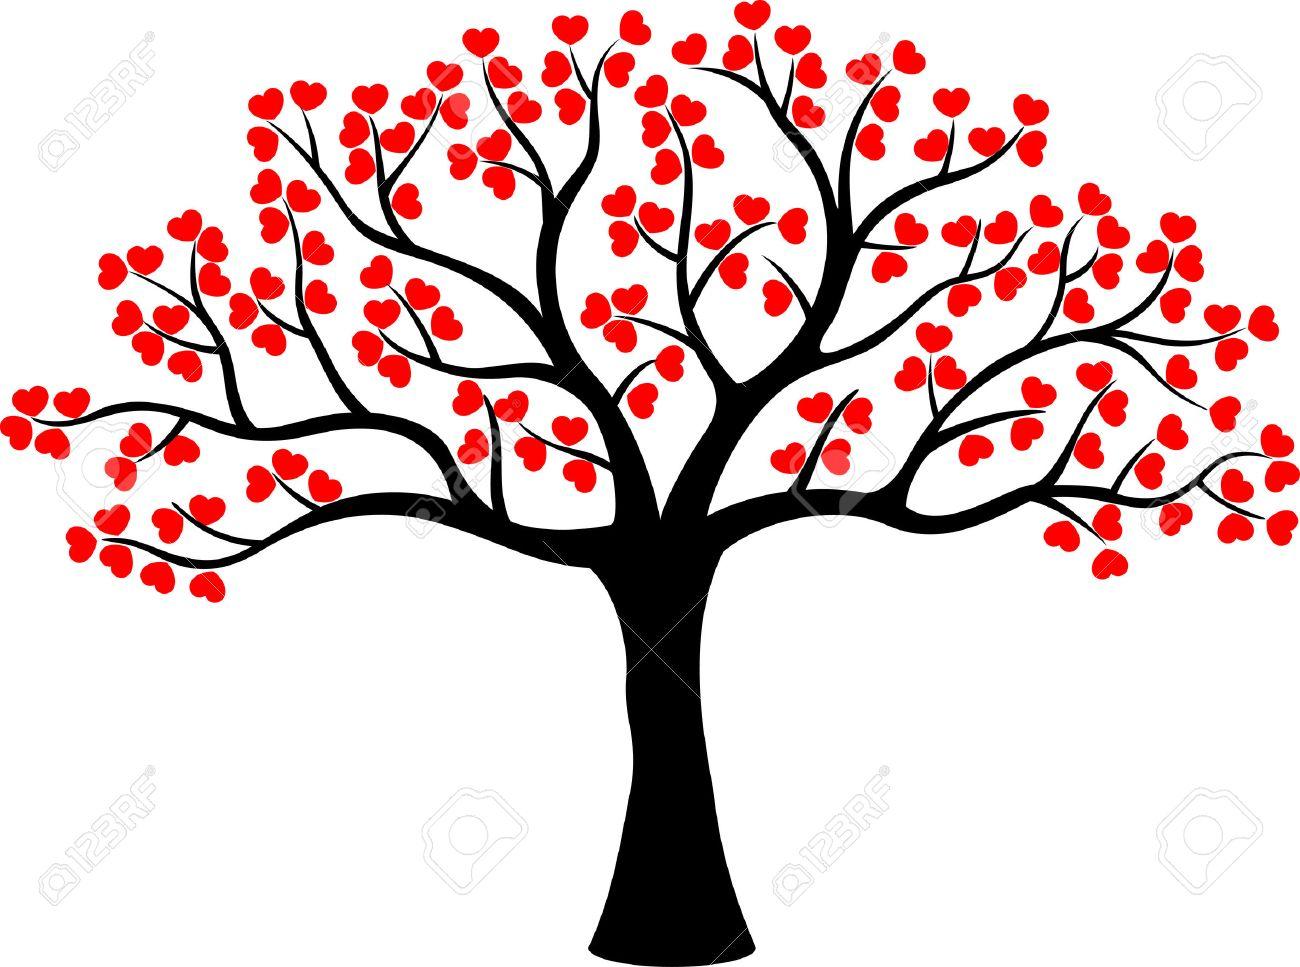 Estilizado De Dibujos Animados árbol De Amor De Corazones